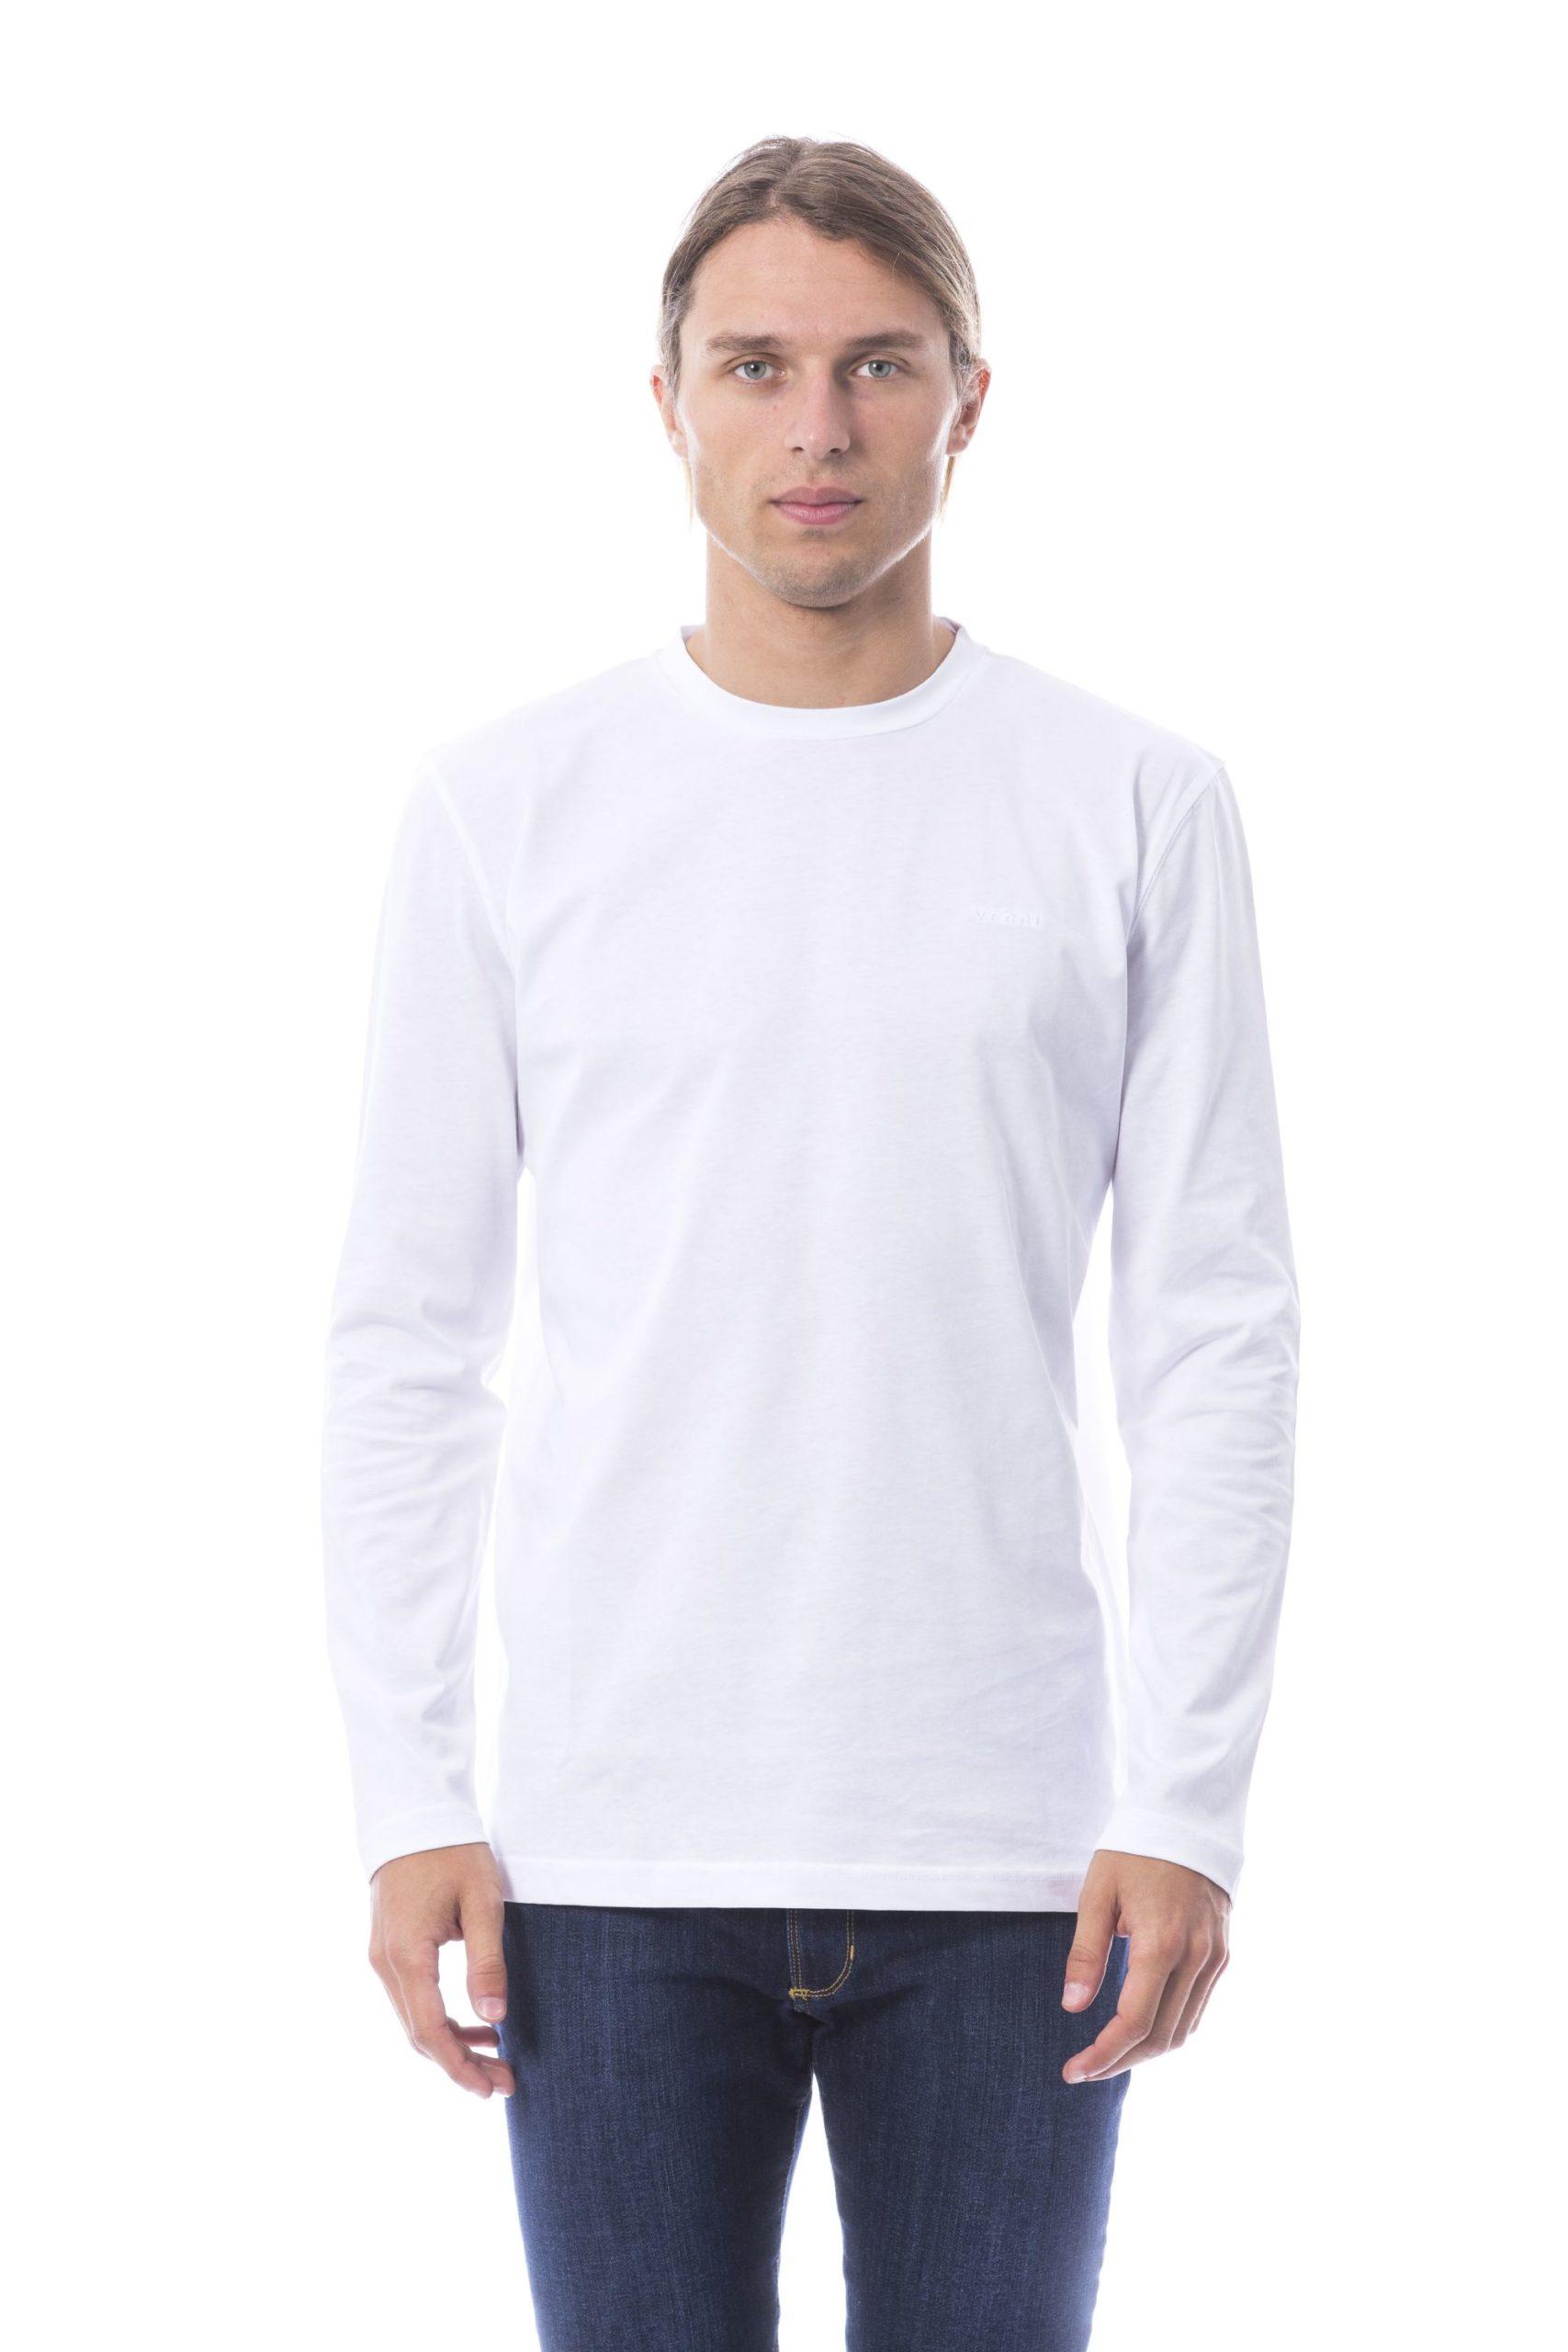 Verri Men's Vbianco T-Shirt White VE678954 - L